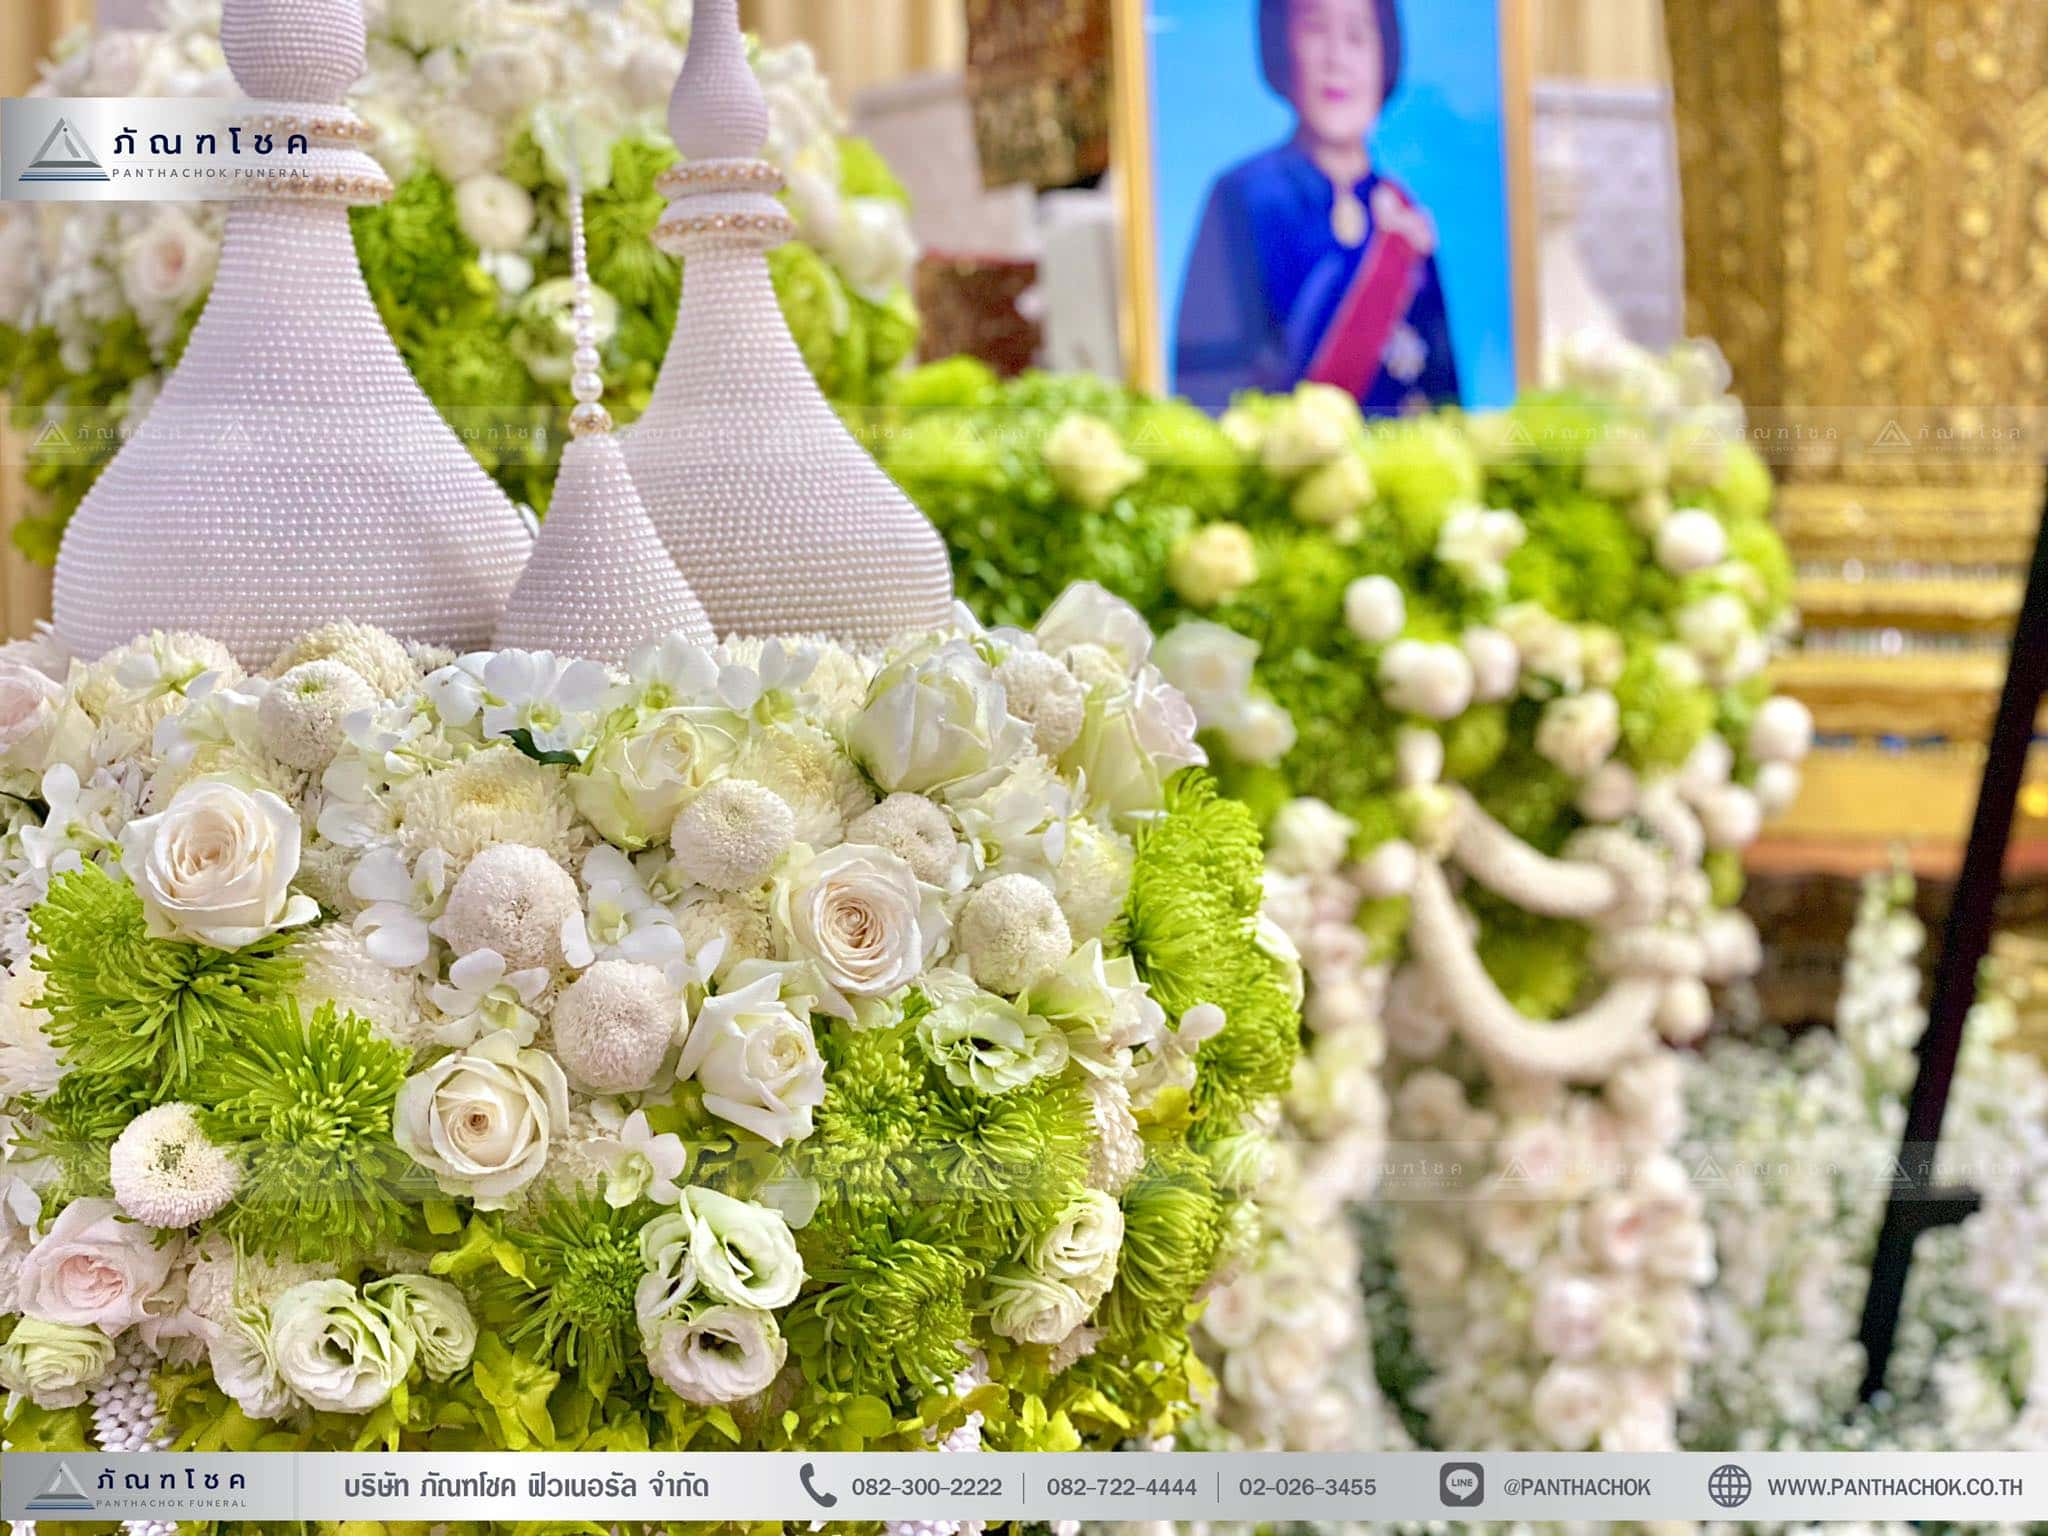 ดอกไม้ประดับหน้าโกศพระราชทาน ณ วัดมกุฏกษัตริยารามราชวรวิหาร 5